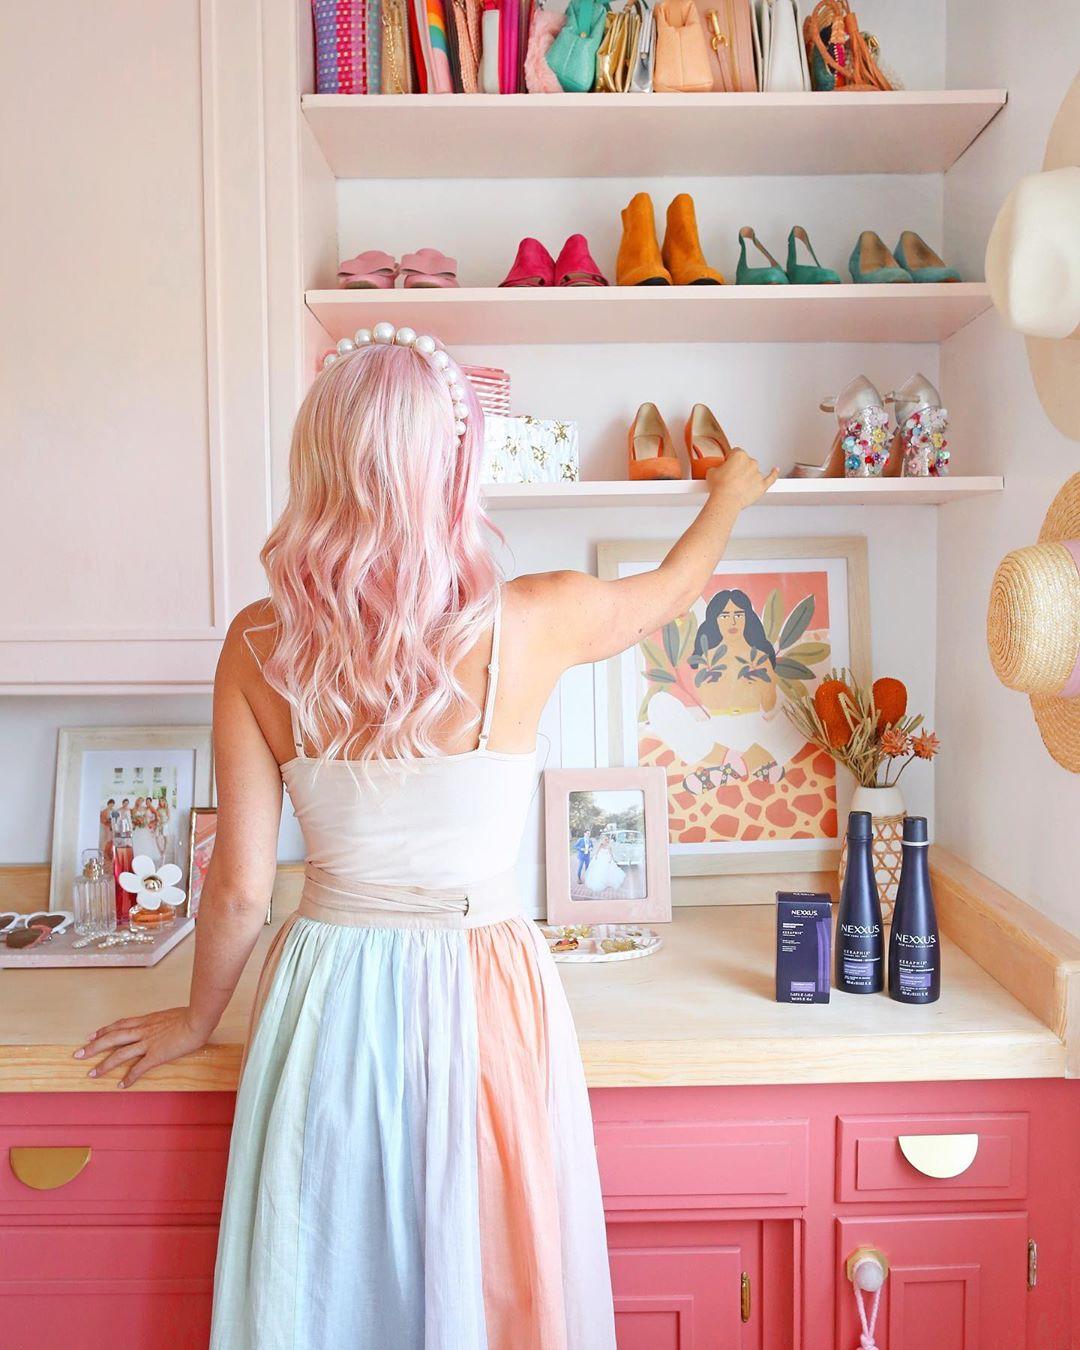 Cô gái đeo tóc hồng đeo băng đô ngọc trai, mặc váy màu pastel